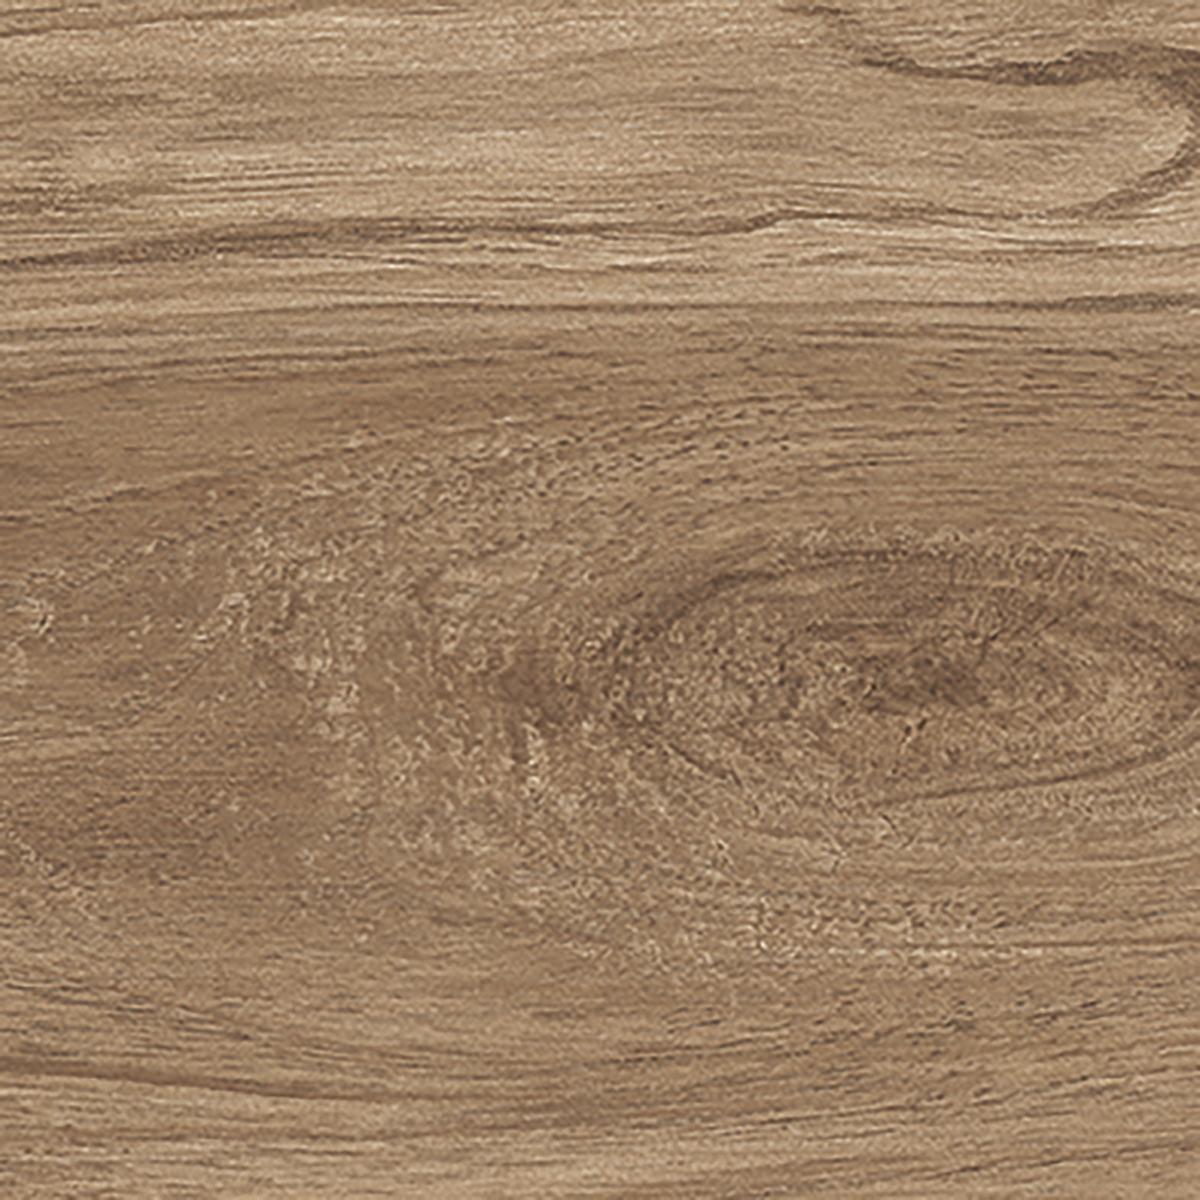 Piastrella Antique 20 x 121 cm sp. 10 mm PEI 4/5 marrone - 7